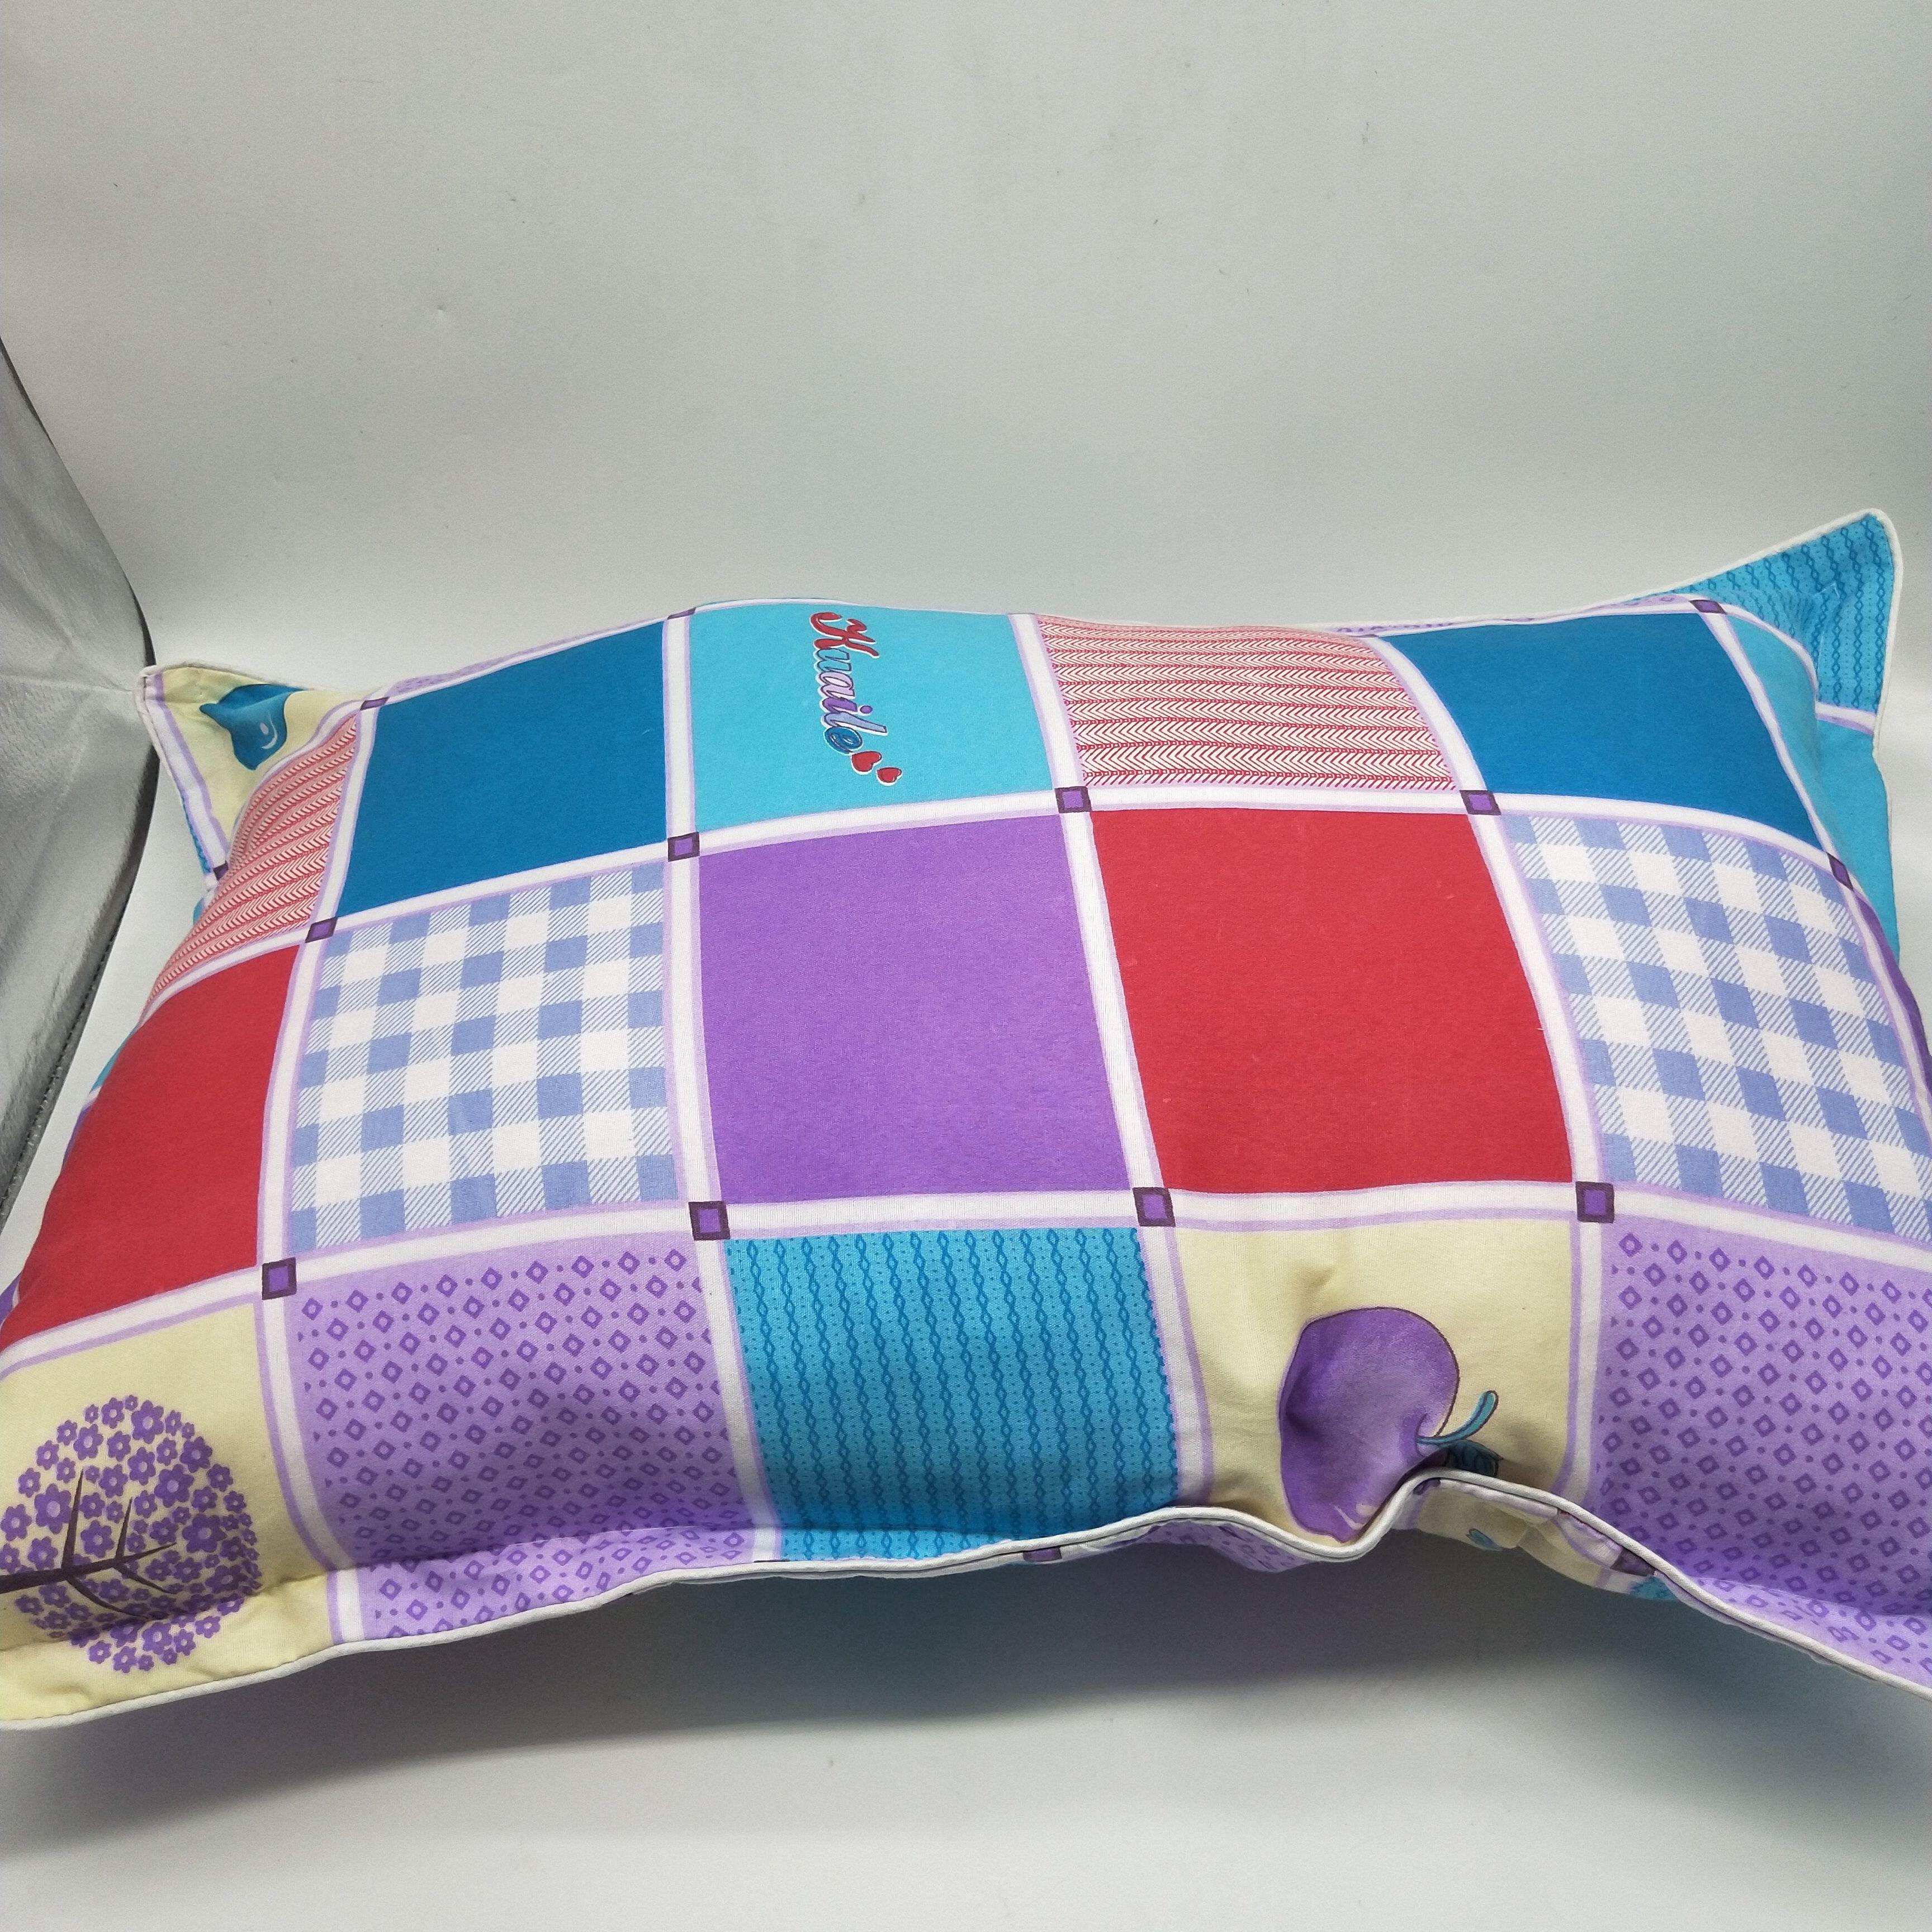 可拆洗枕头带枕套套装加枕芯学生单人枕成人枕家用枕头